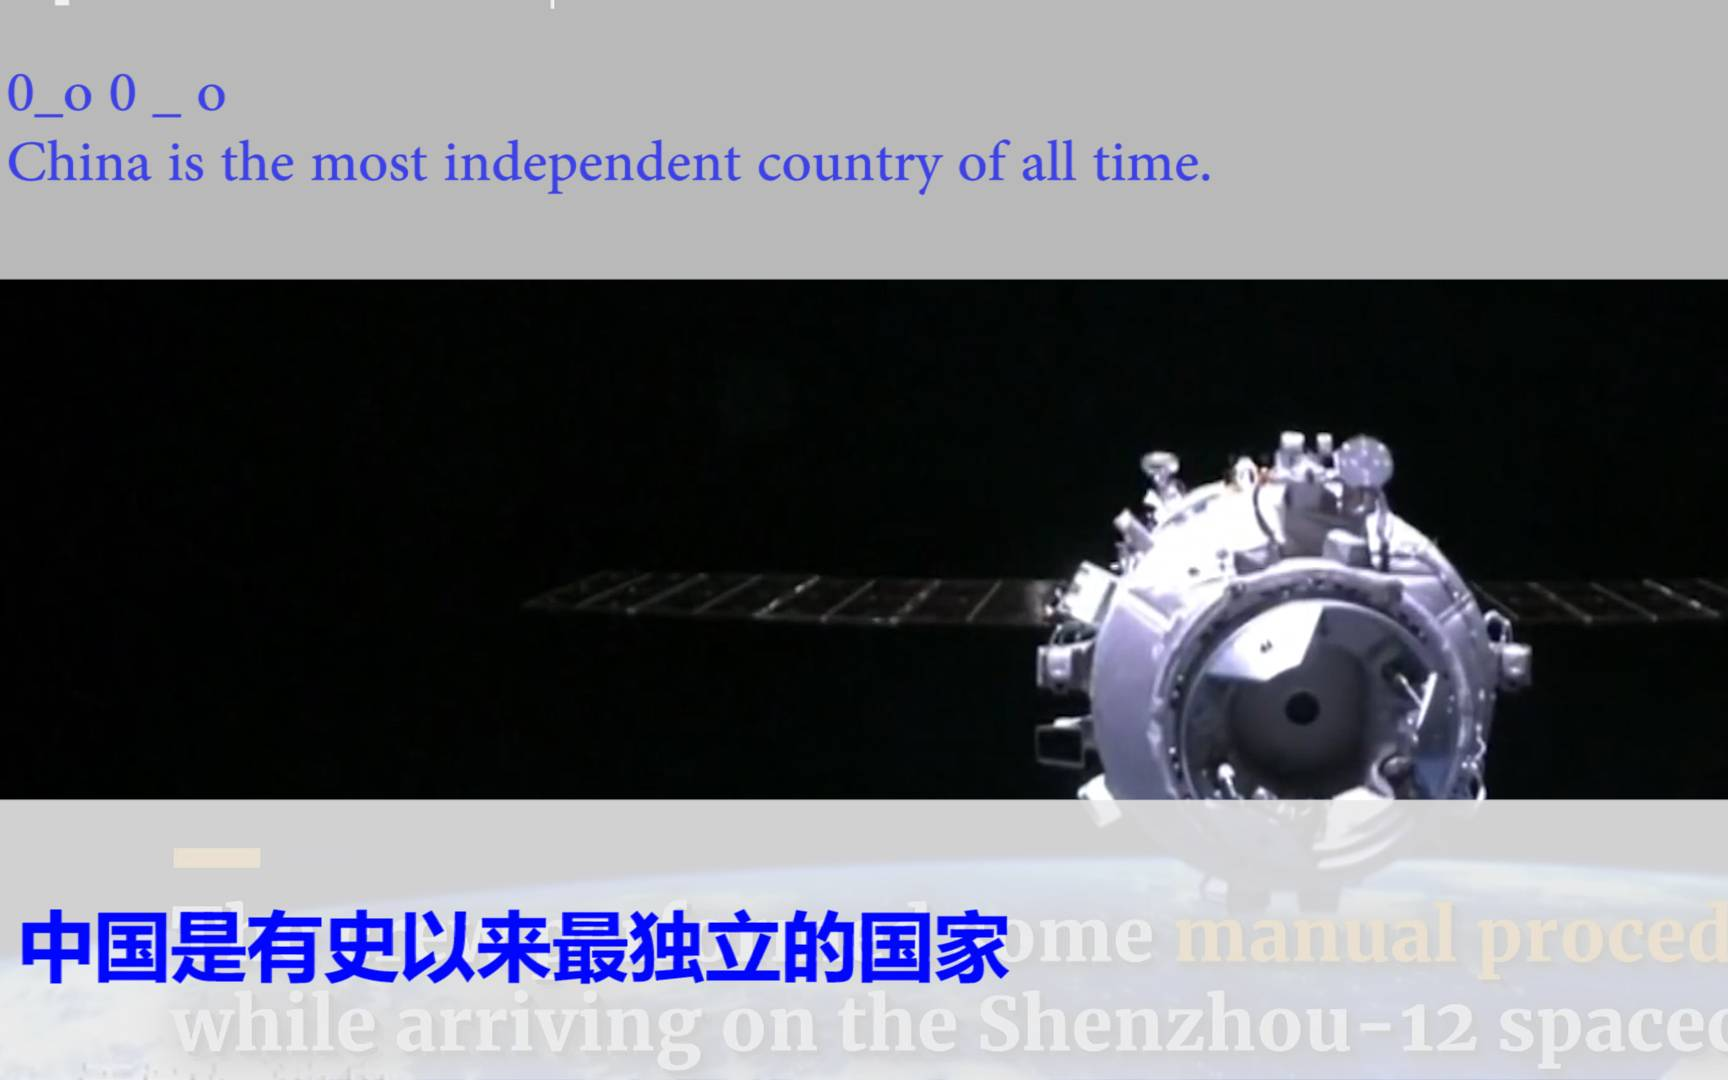 外国网友热评:我简直不敢相信,中国人真的做到了